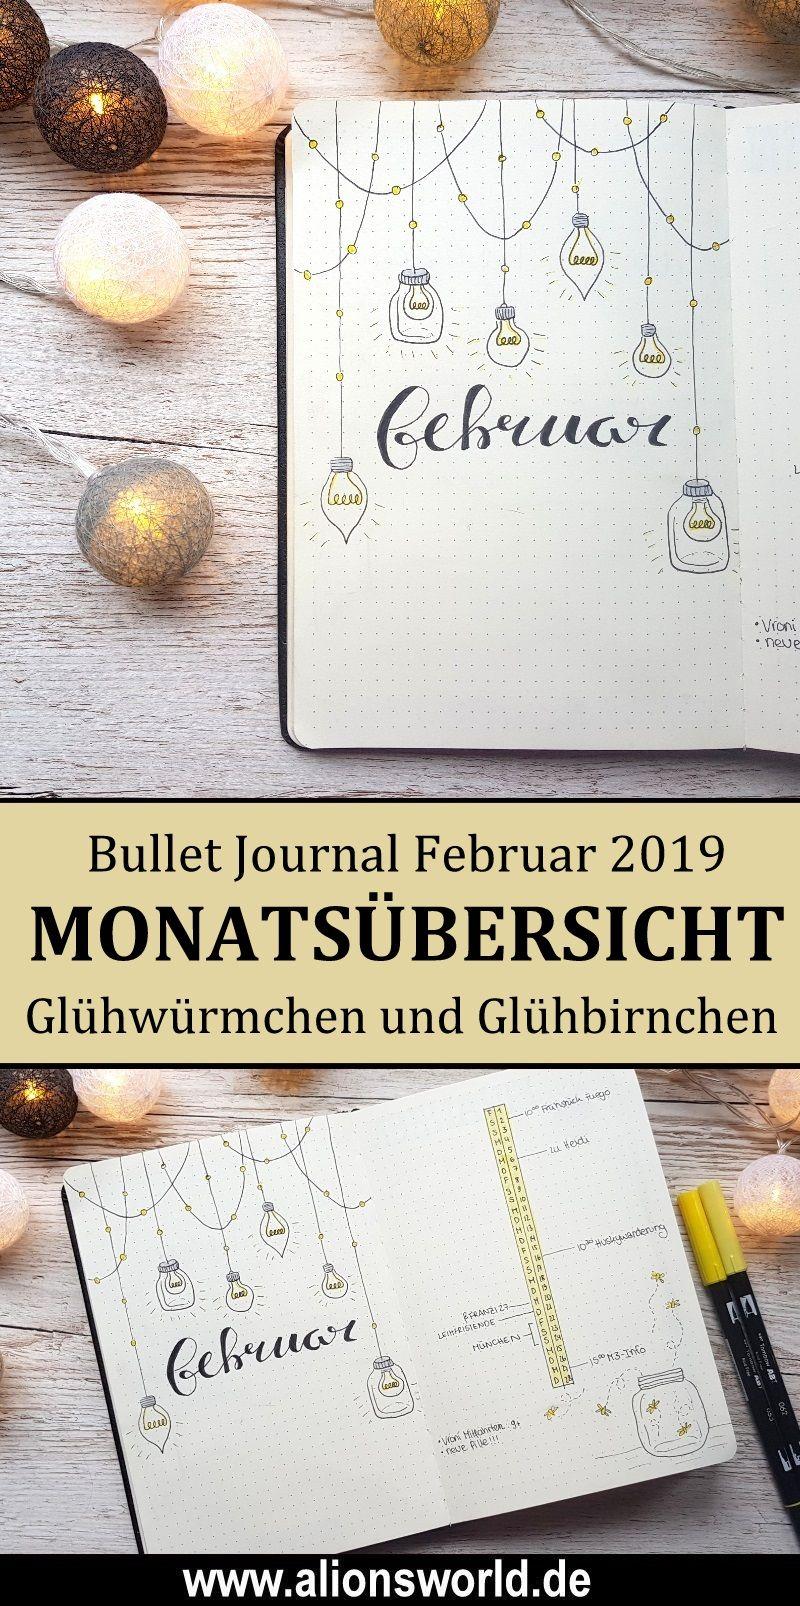 Bullet Journal Februar 2019